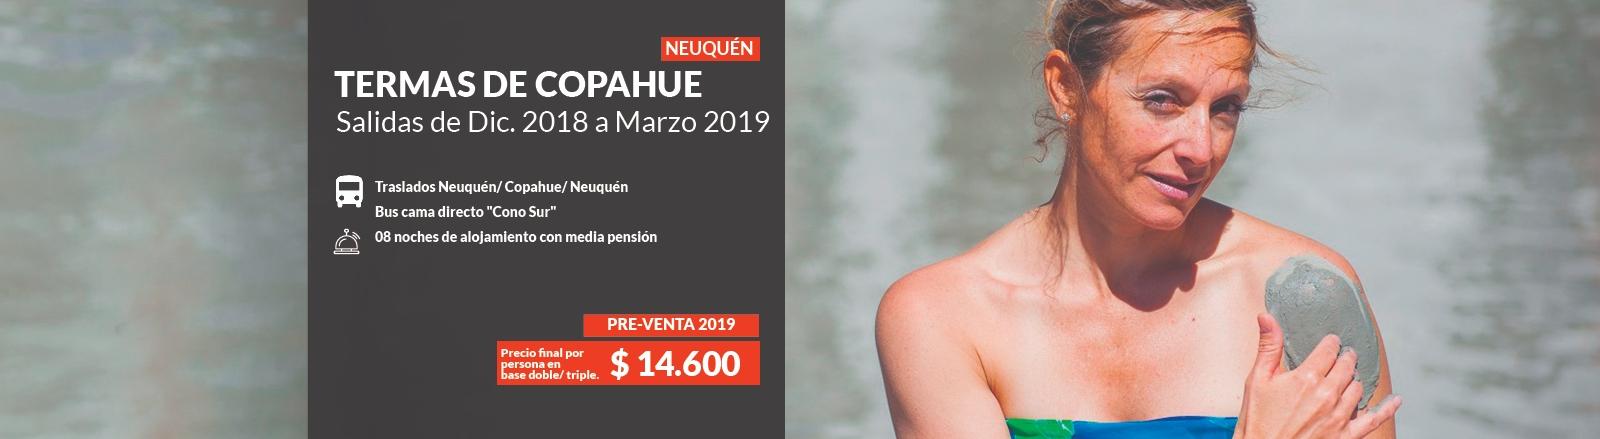 Pre-Venta Copahue